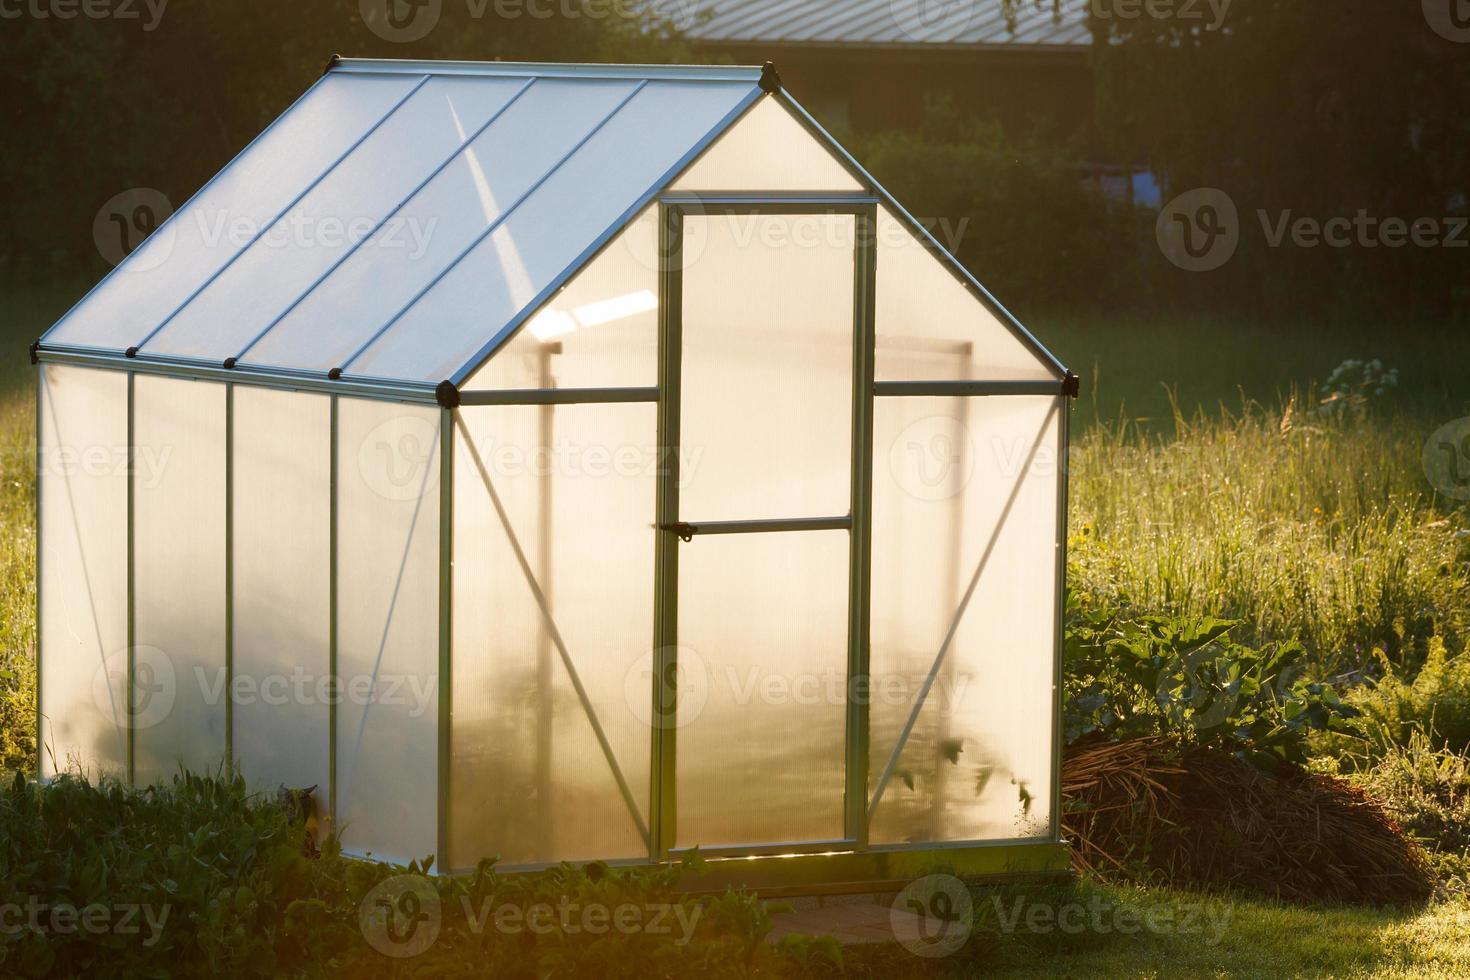 kleines Gewächshaus im Hinterhof foto